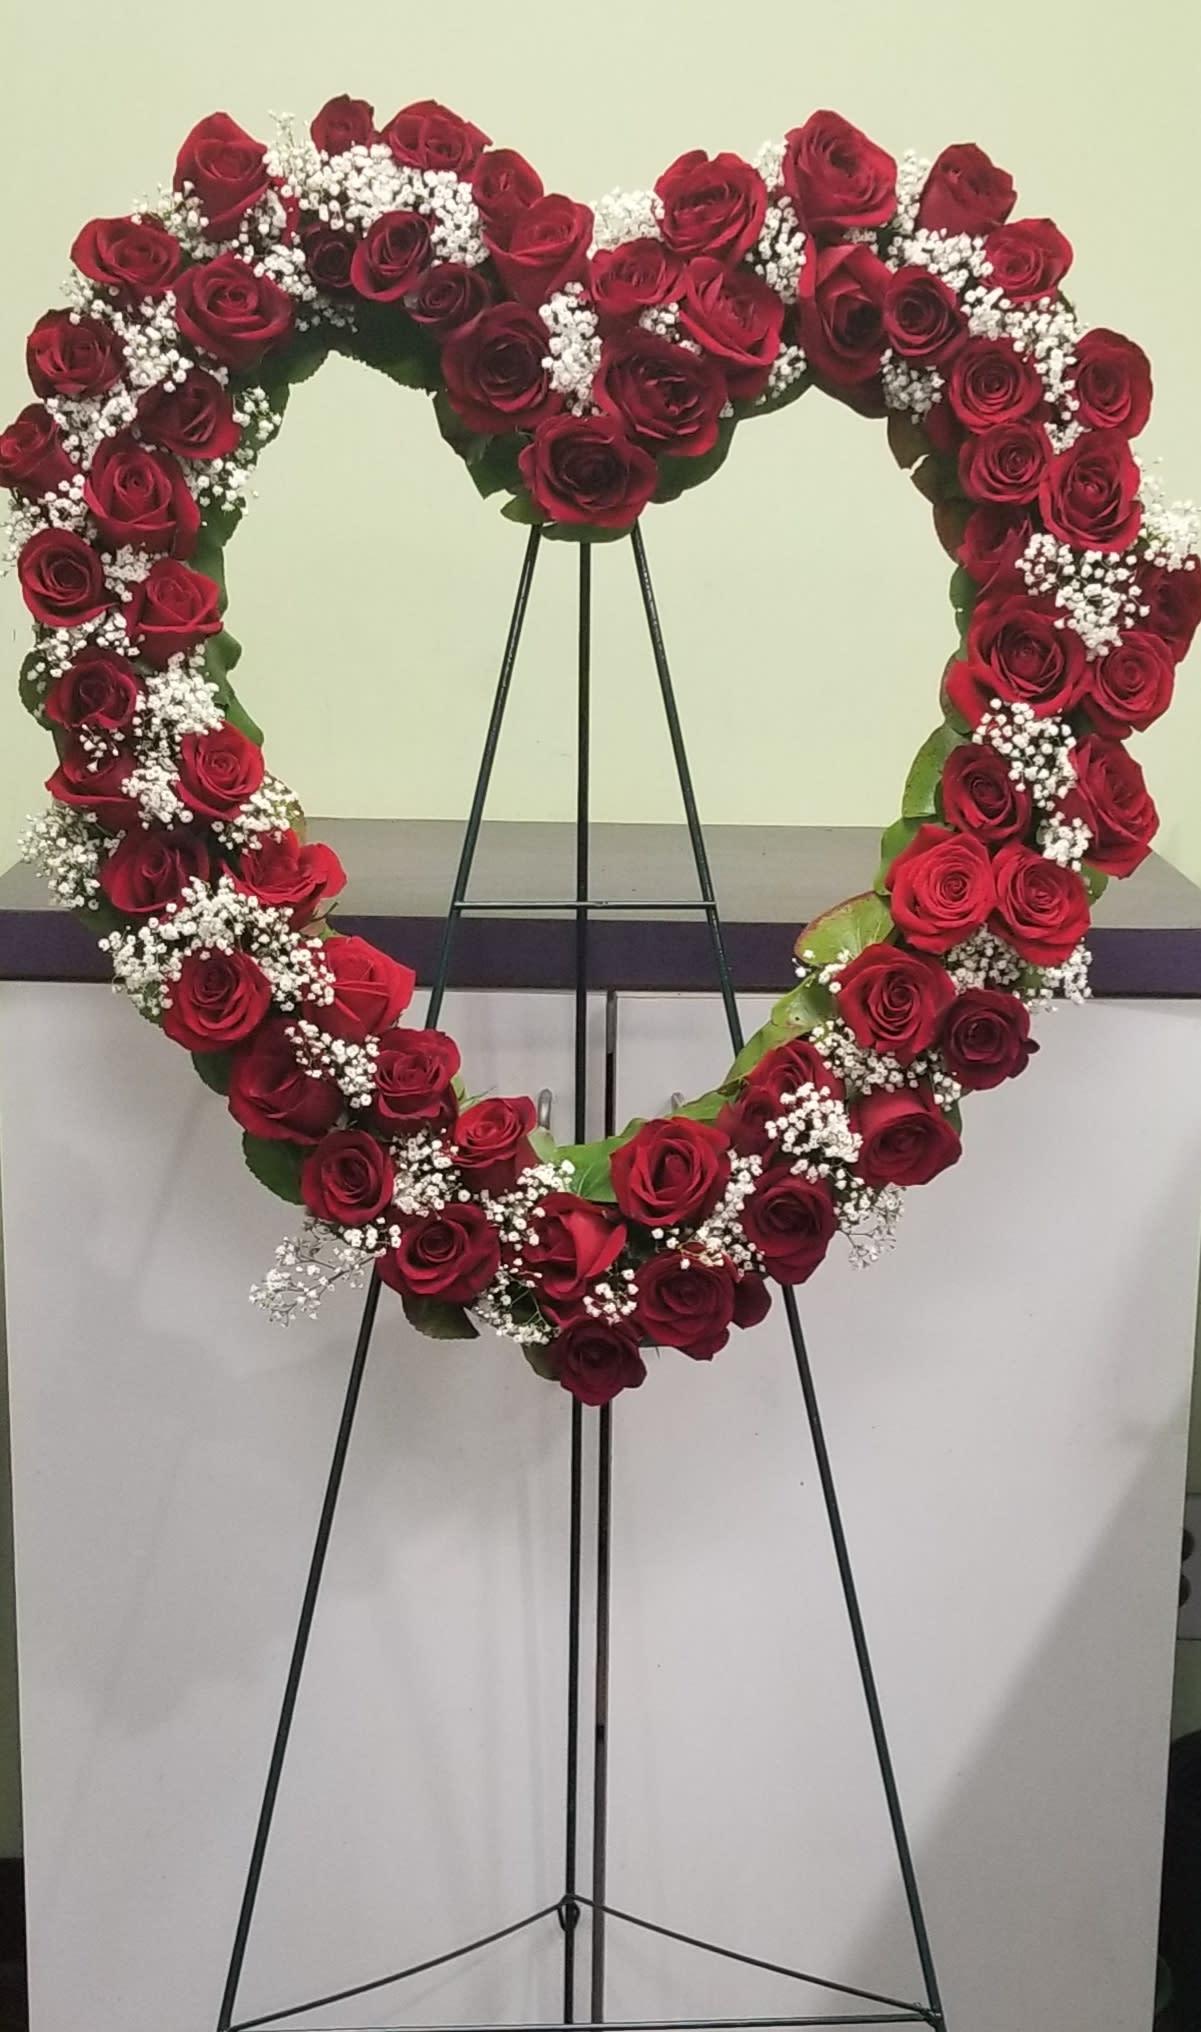 Red Rose Heart Tribute In Philadelphia Pa Philadelphia Flower